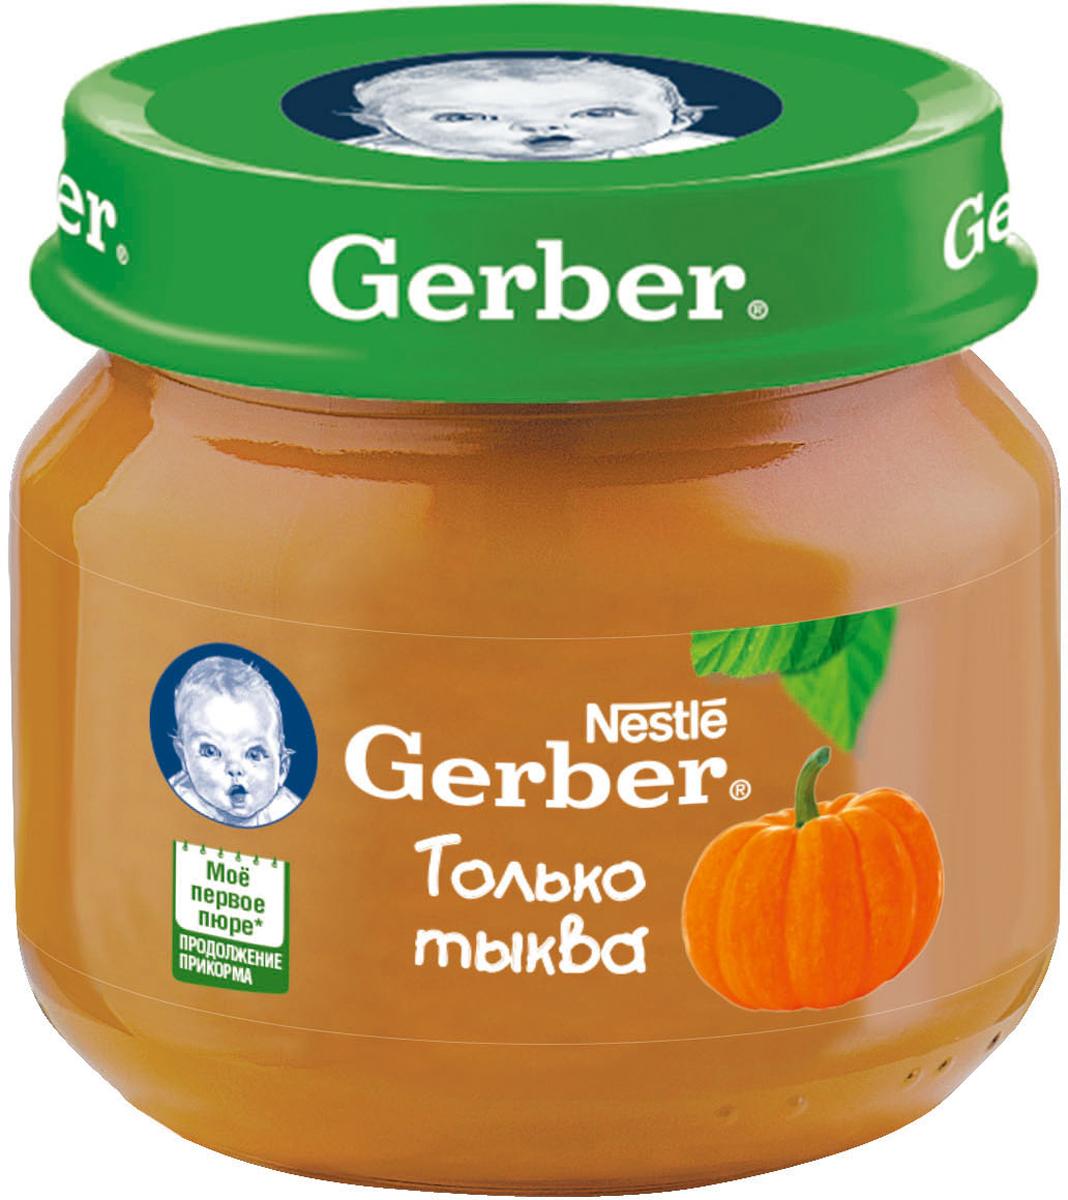 Gerber пюре тыква, 80 г12101666Однокомпонентные овощные пюре Gerber идеально подходят для первого прикорма. Овощное пюре Gerber тыква - это первое знакомство малыша с разнообразием вкусов, приготовленное из натуральных овощей, богато клетчаткой, органическими кислотами, витаминами и